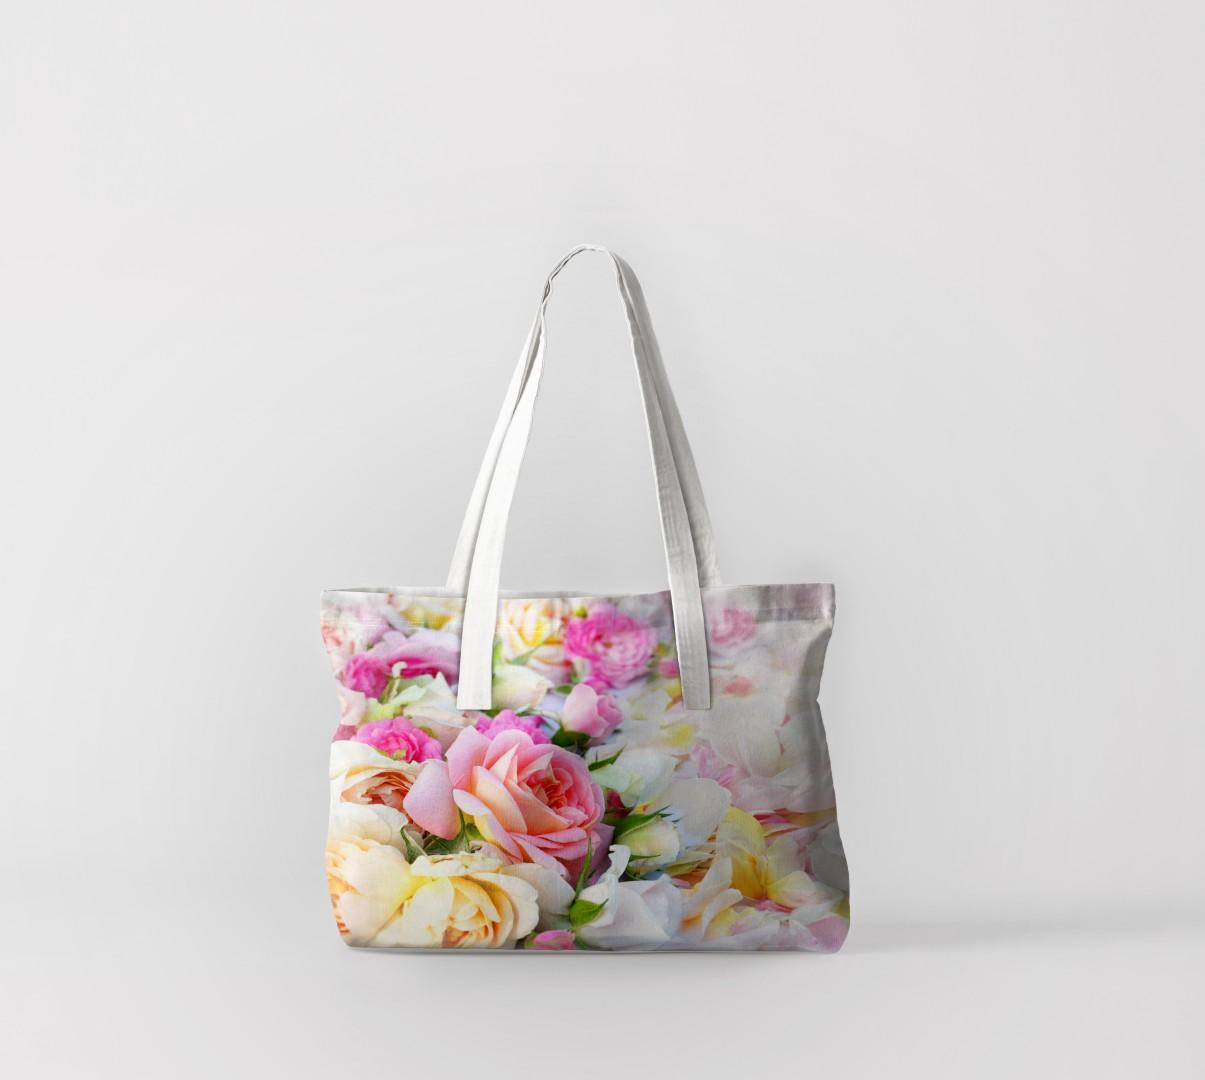 Пляжная сумка Легкость (50х40 см) Олимп Текстиль oli732572